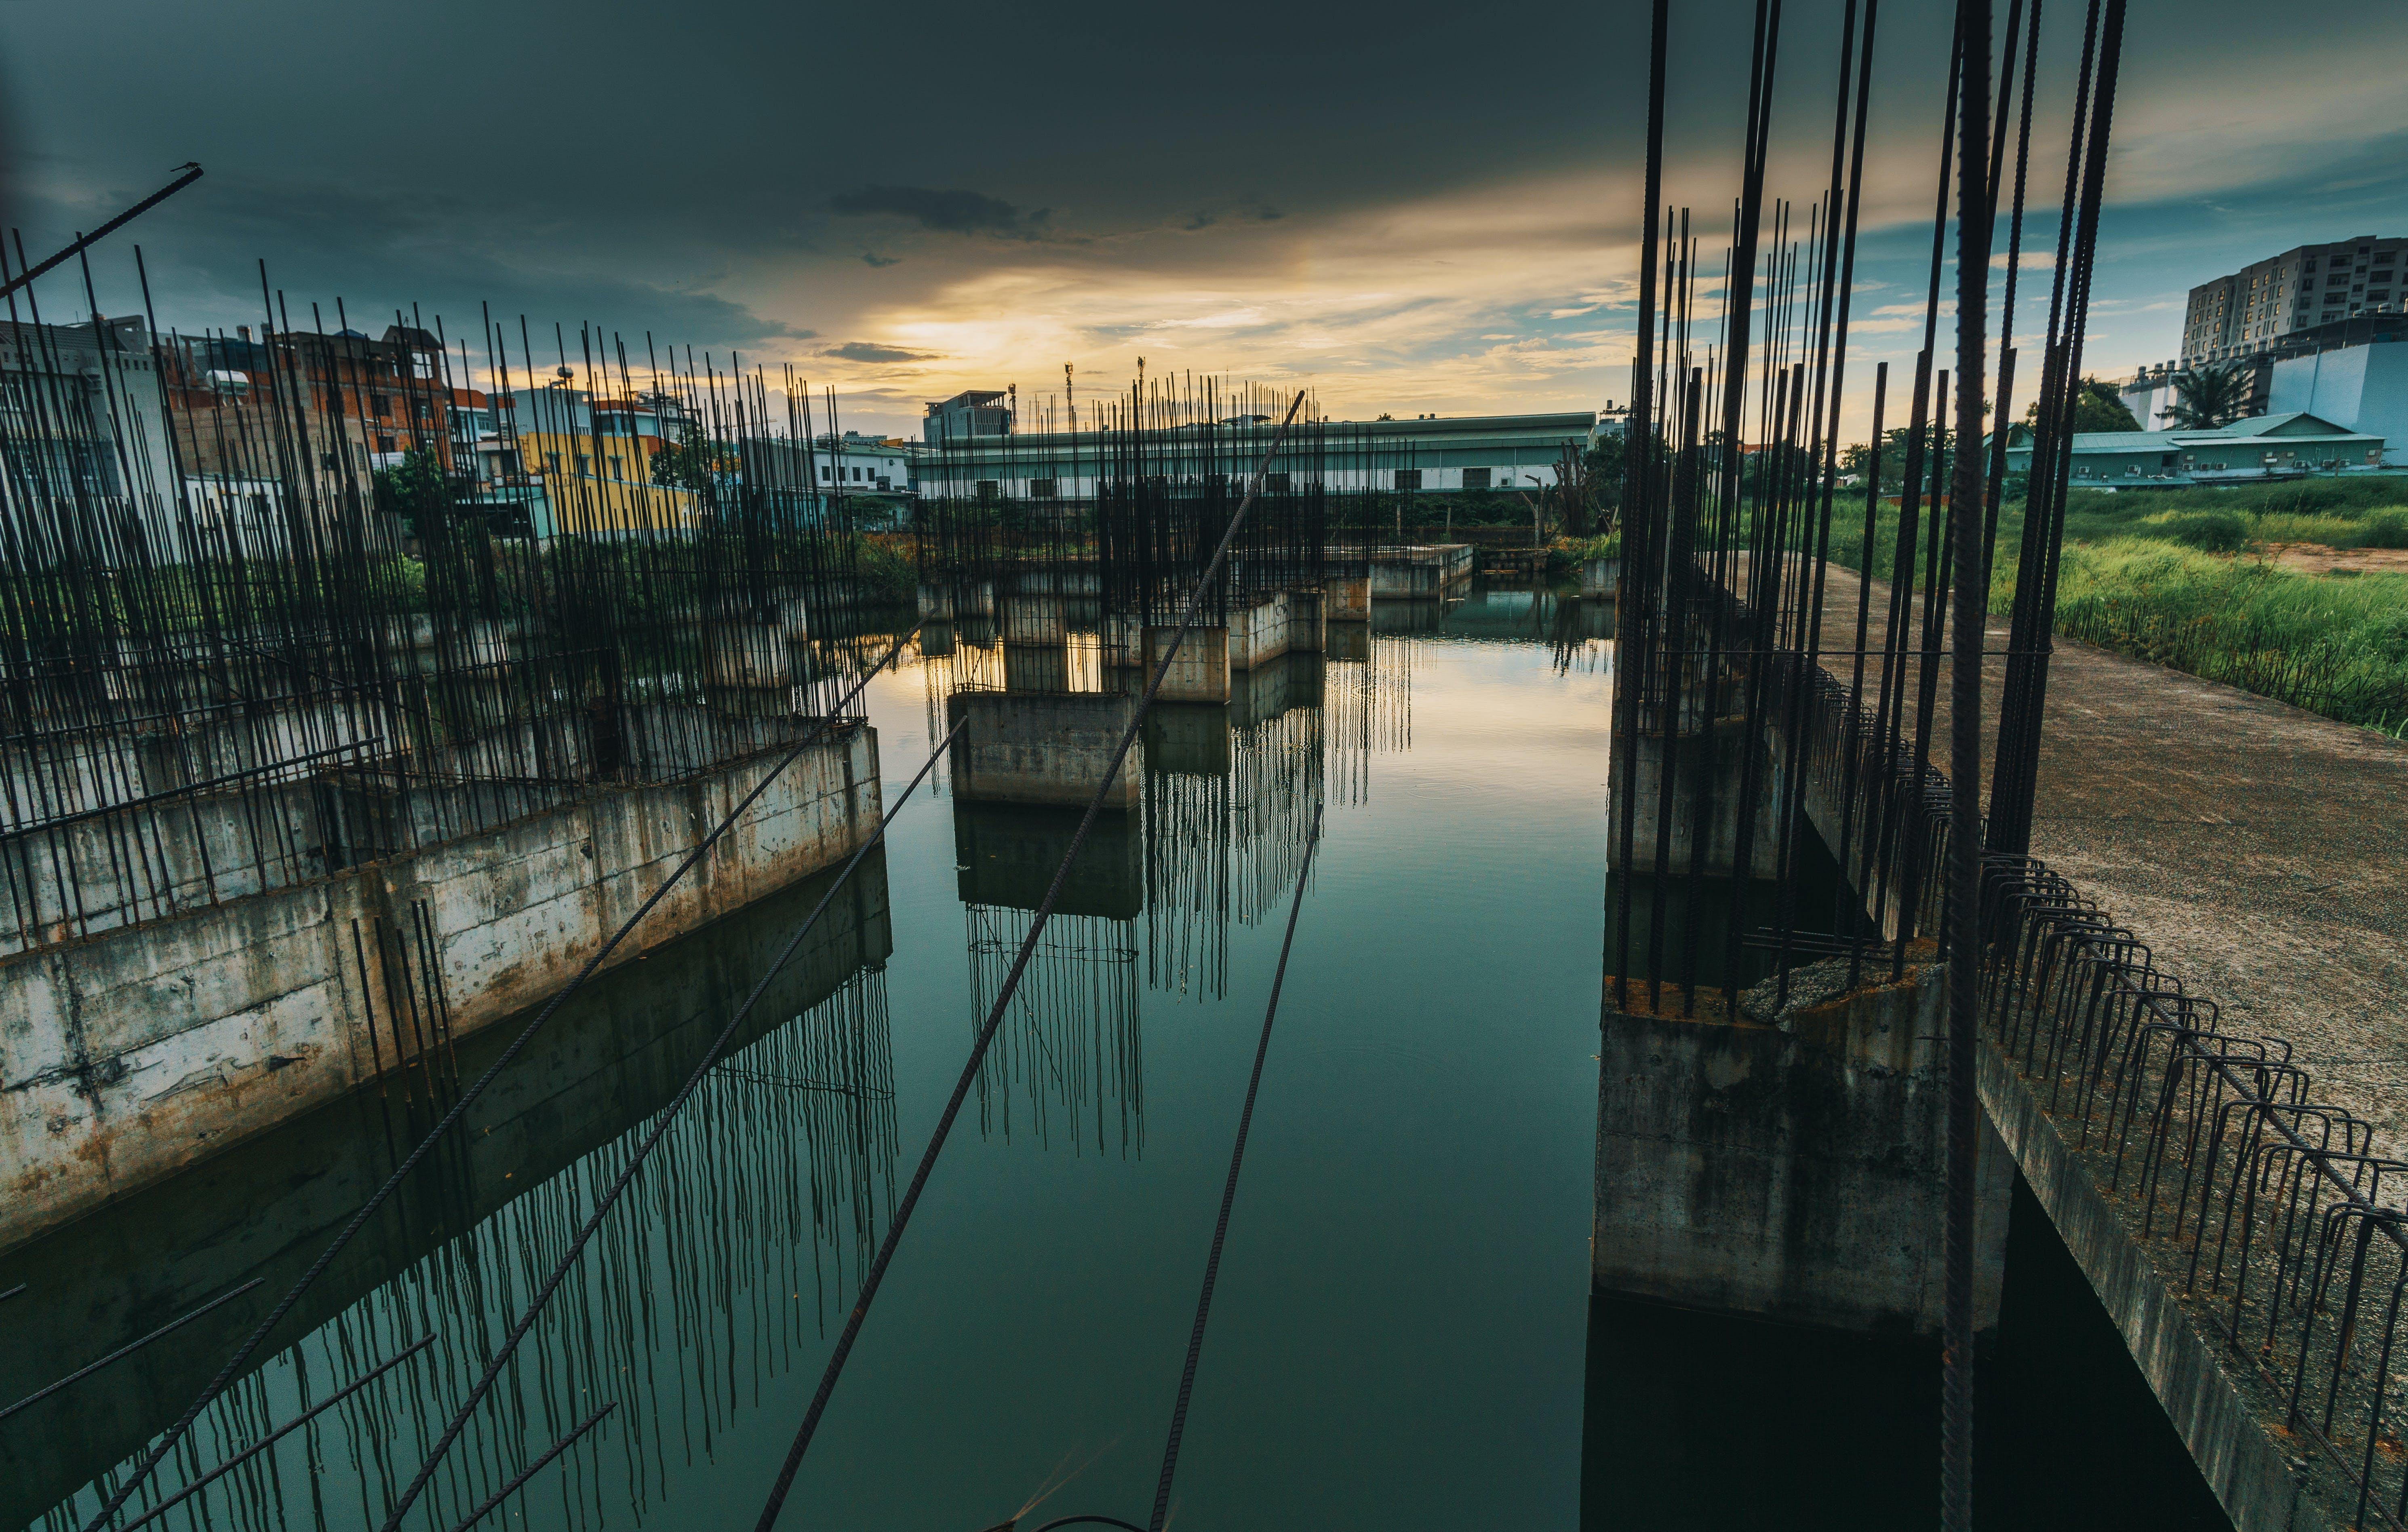 天空, 工地, 思考, 日落 的 免費圖庫相片